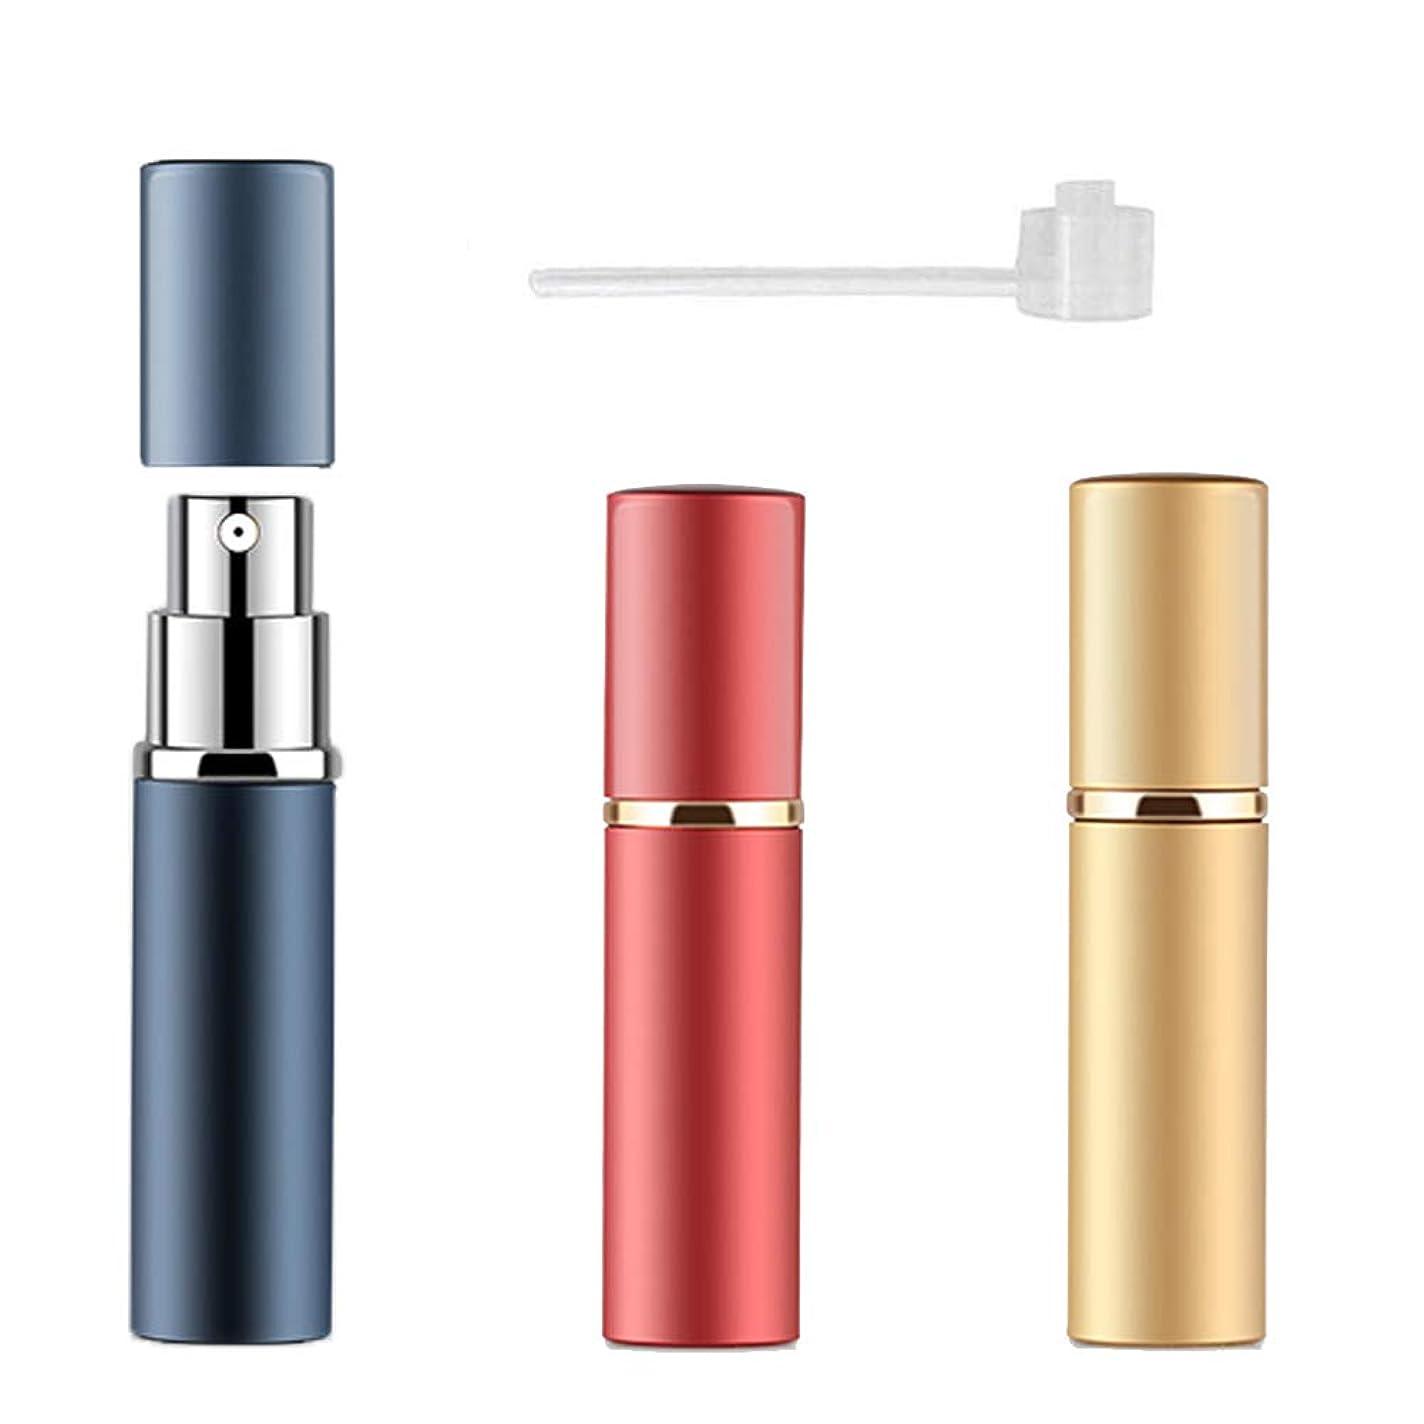 いたずらな浸透する鹿アトマイザ 香水 詰め替え容器 スプレーボトル 小分けボトル トラベルボトル 旅行携帯便利 (3色セット)